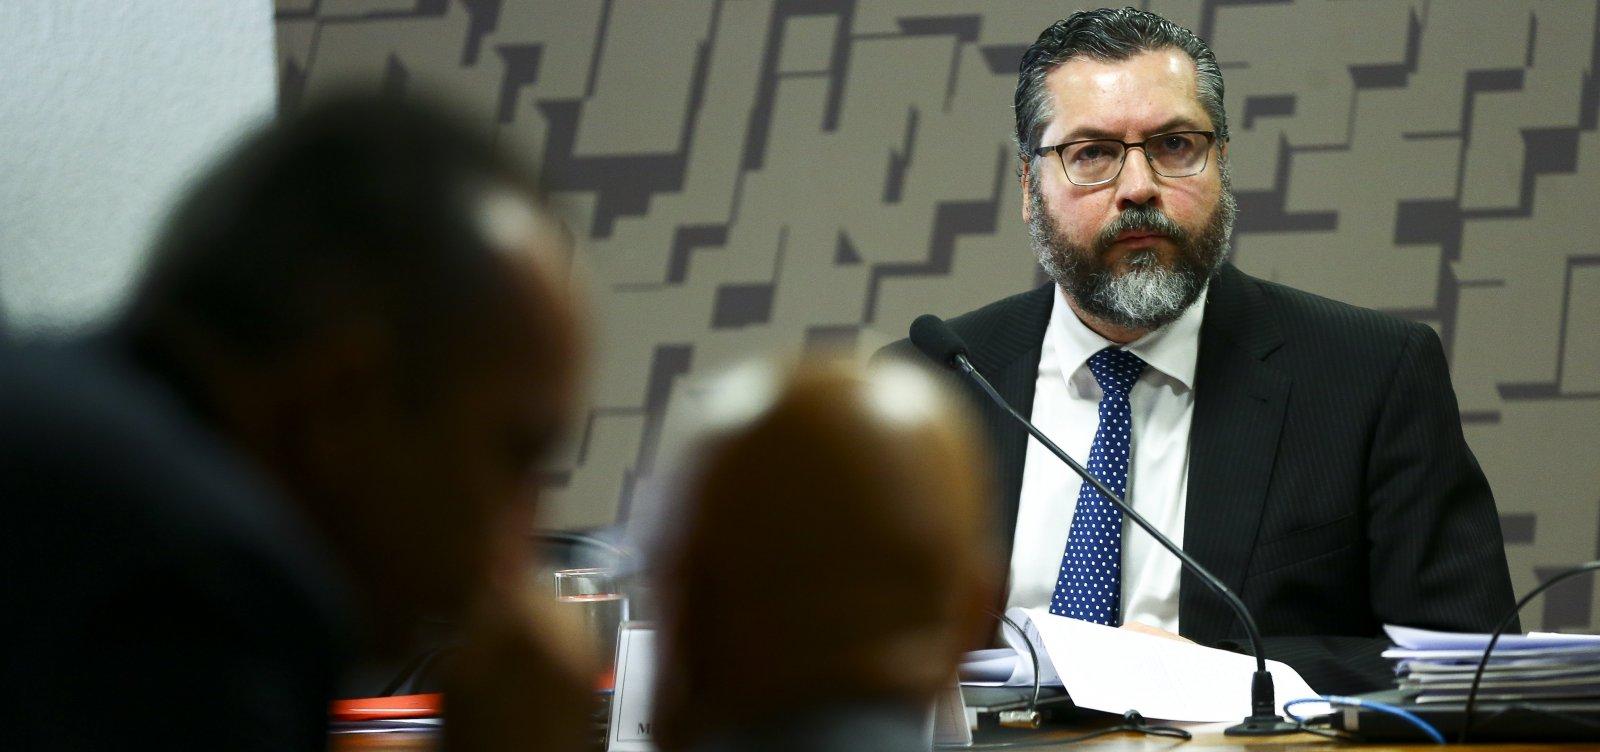 ['02 do Itamaraty': secretário do governo substitui Ernesto Araújo em missões diplomáticas]